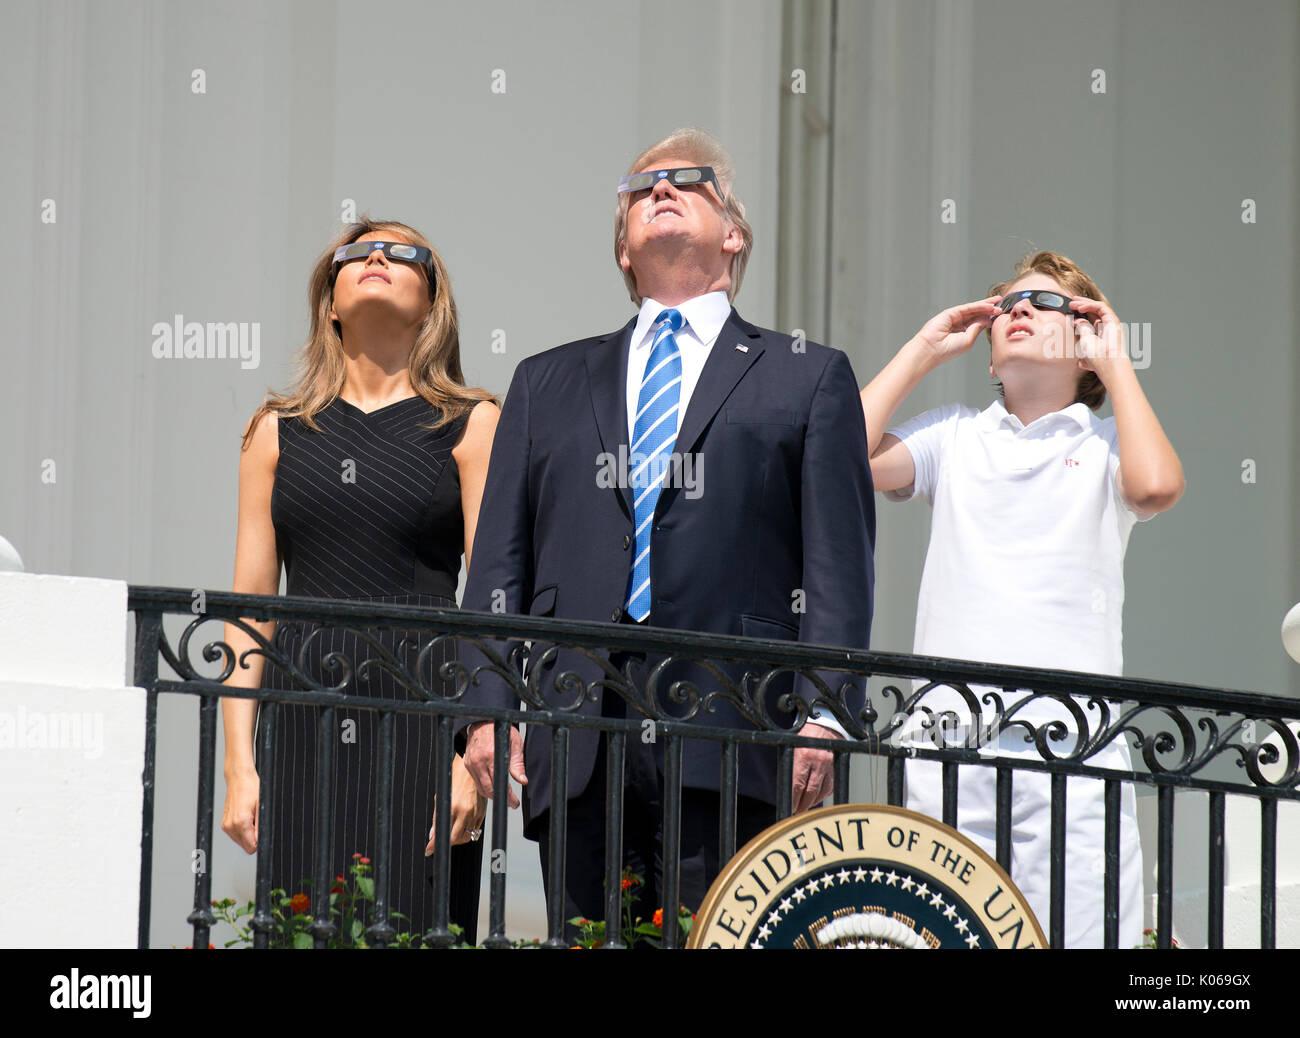 El Presidente de Estados Unidos, Donald J. Trump, centro, acompañado por la primera dama Melania Trump, izquierda, Imagen De Stock